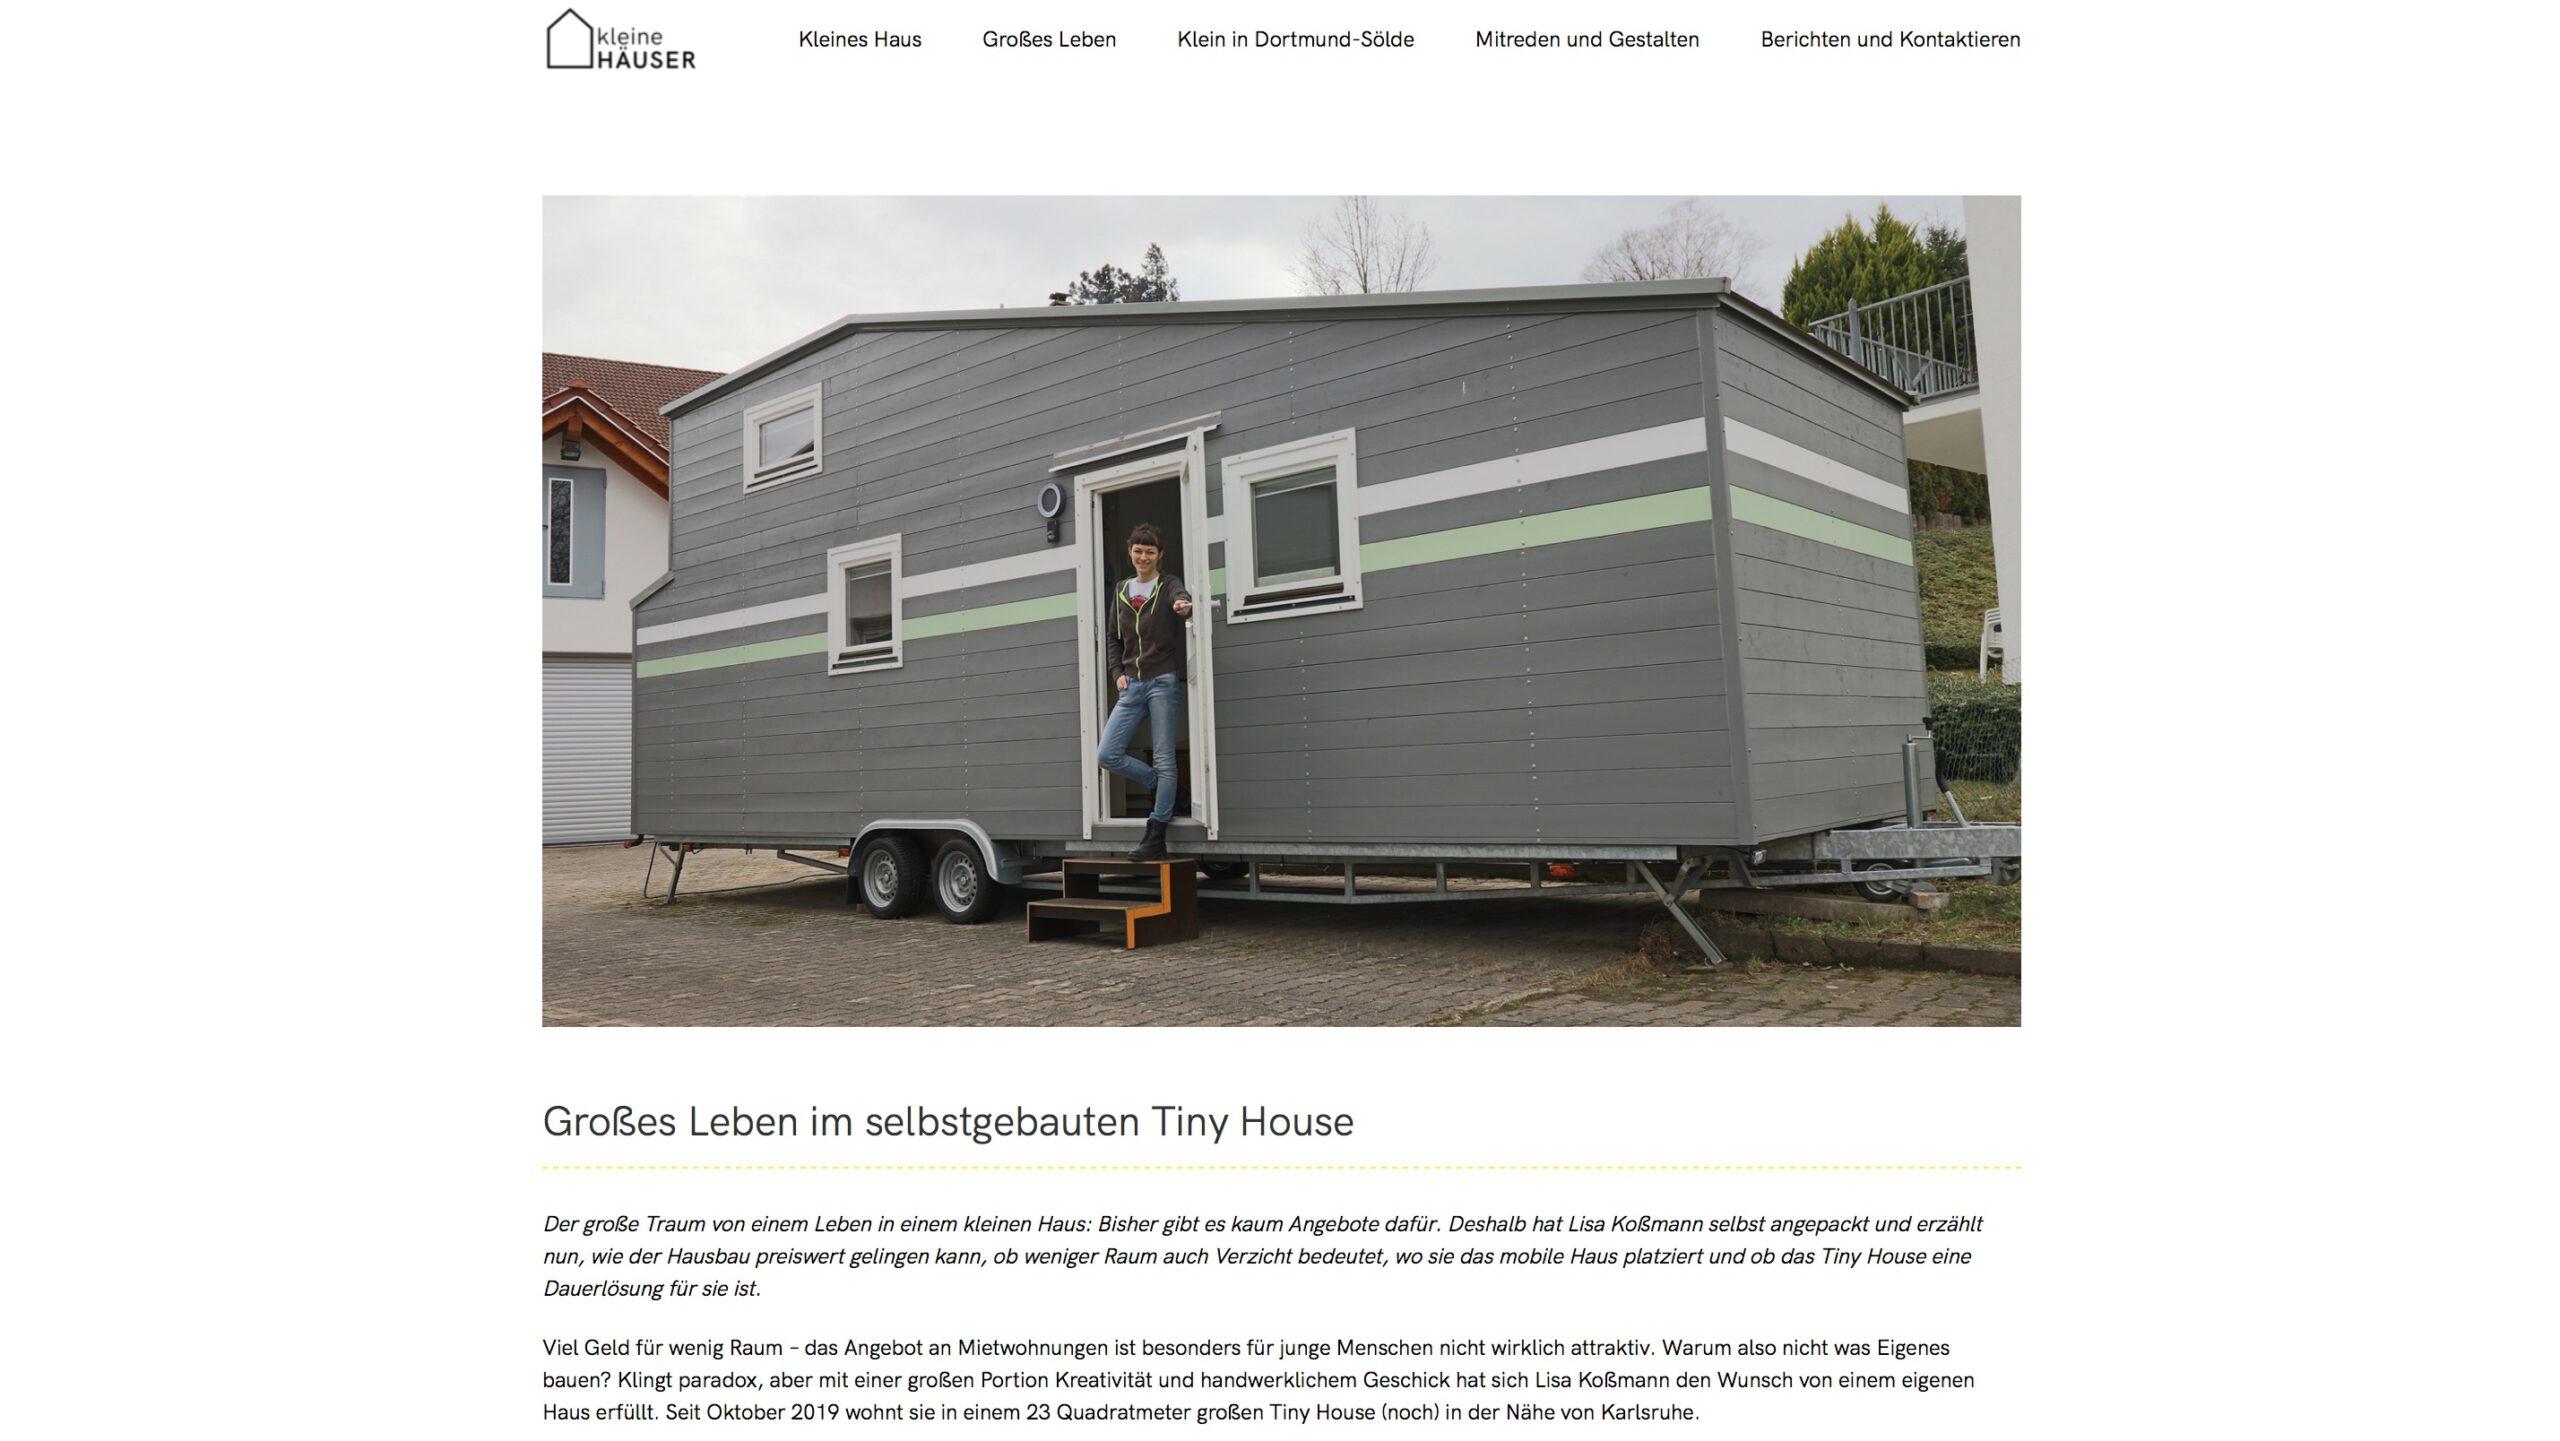 Moduldrei Referenz – Kleine Häuser Dortmund, Nessa Elessar